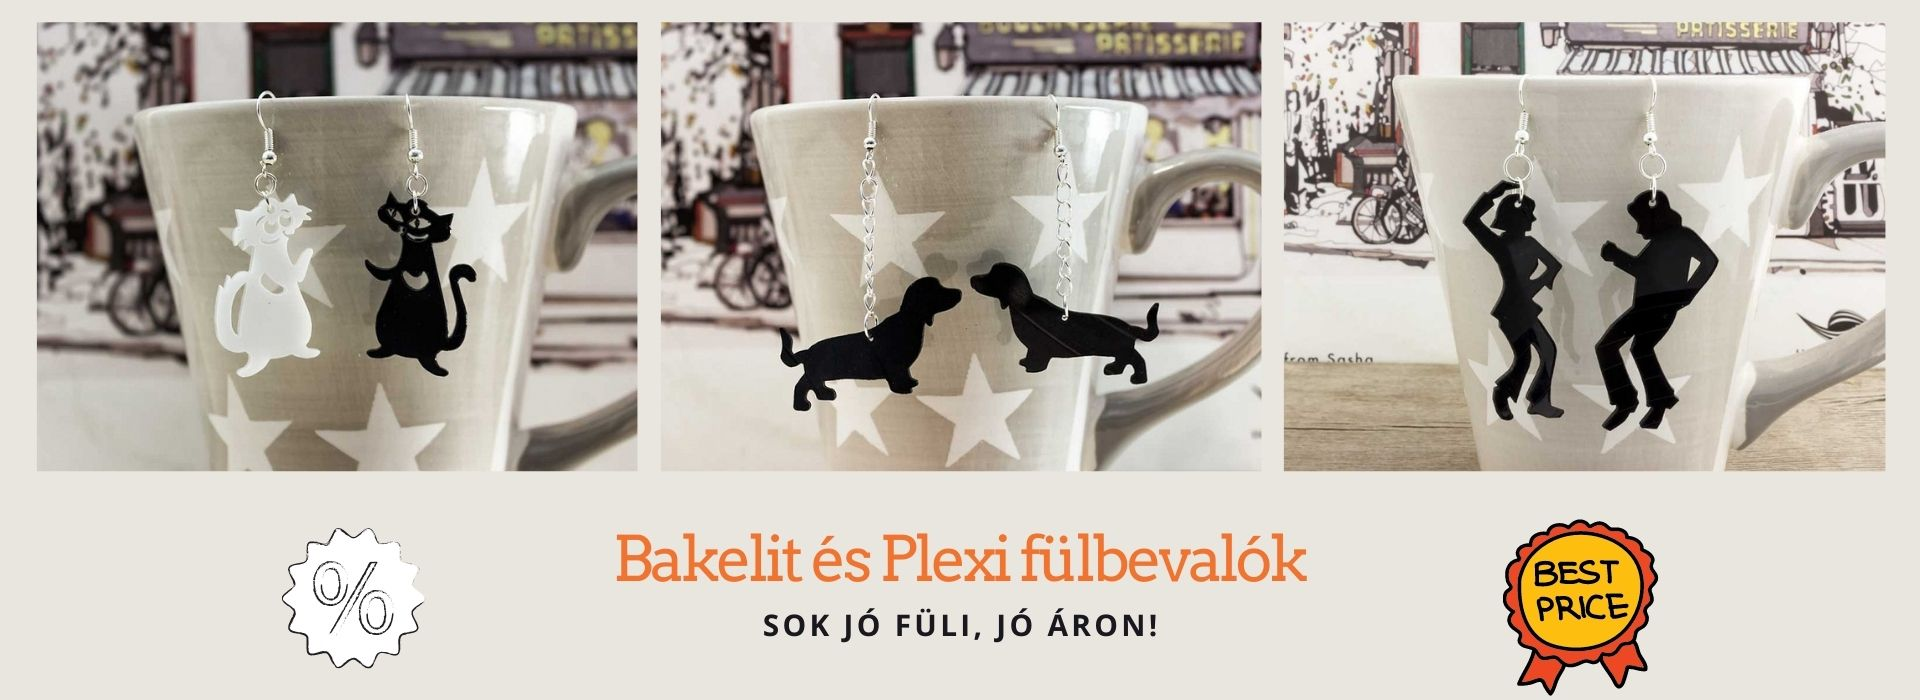 Bakelit és Plexi fülbevalók promo